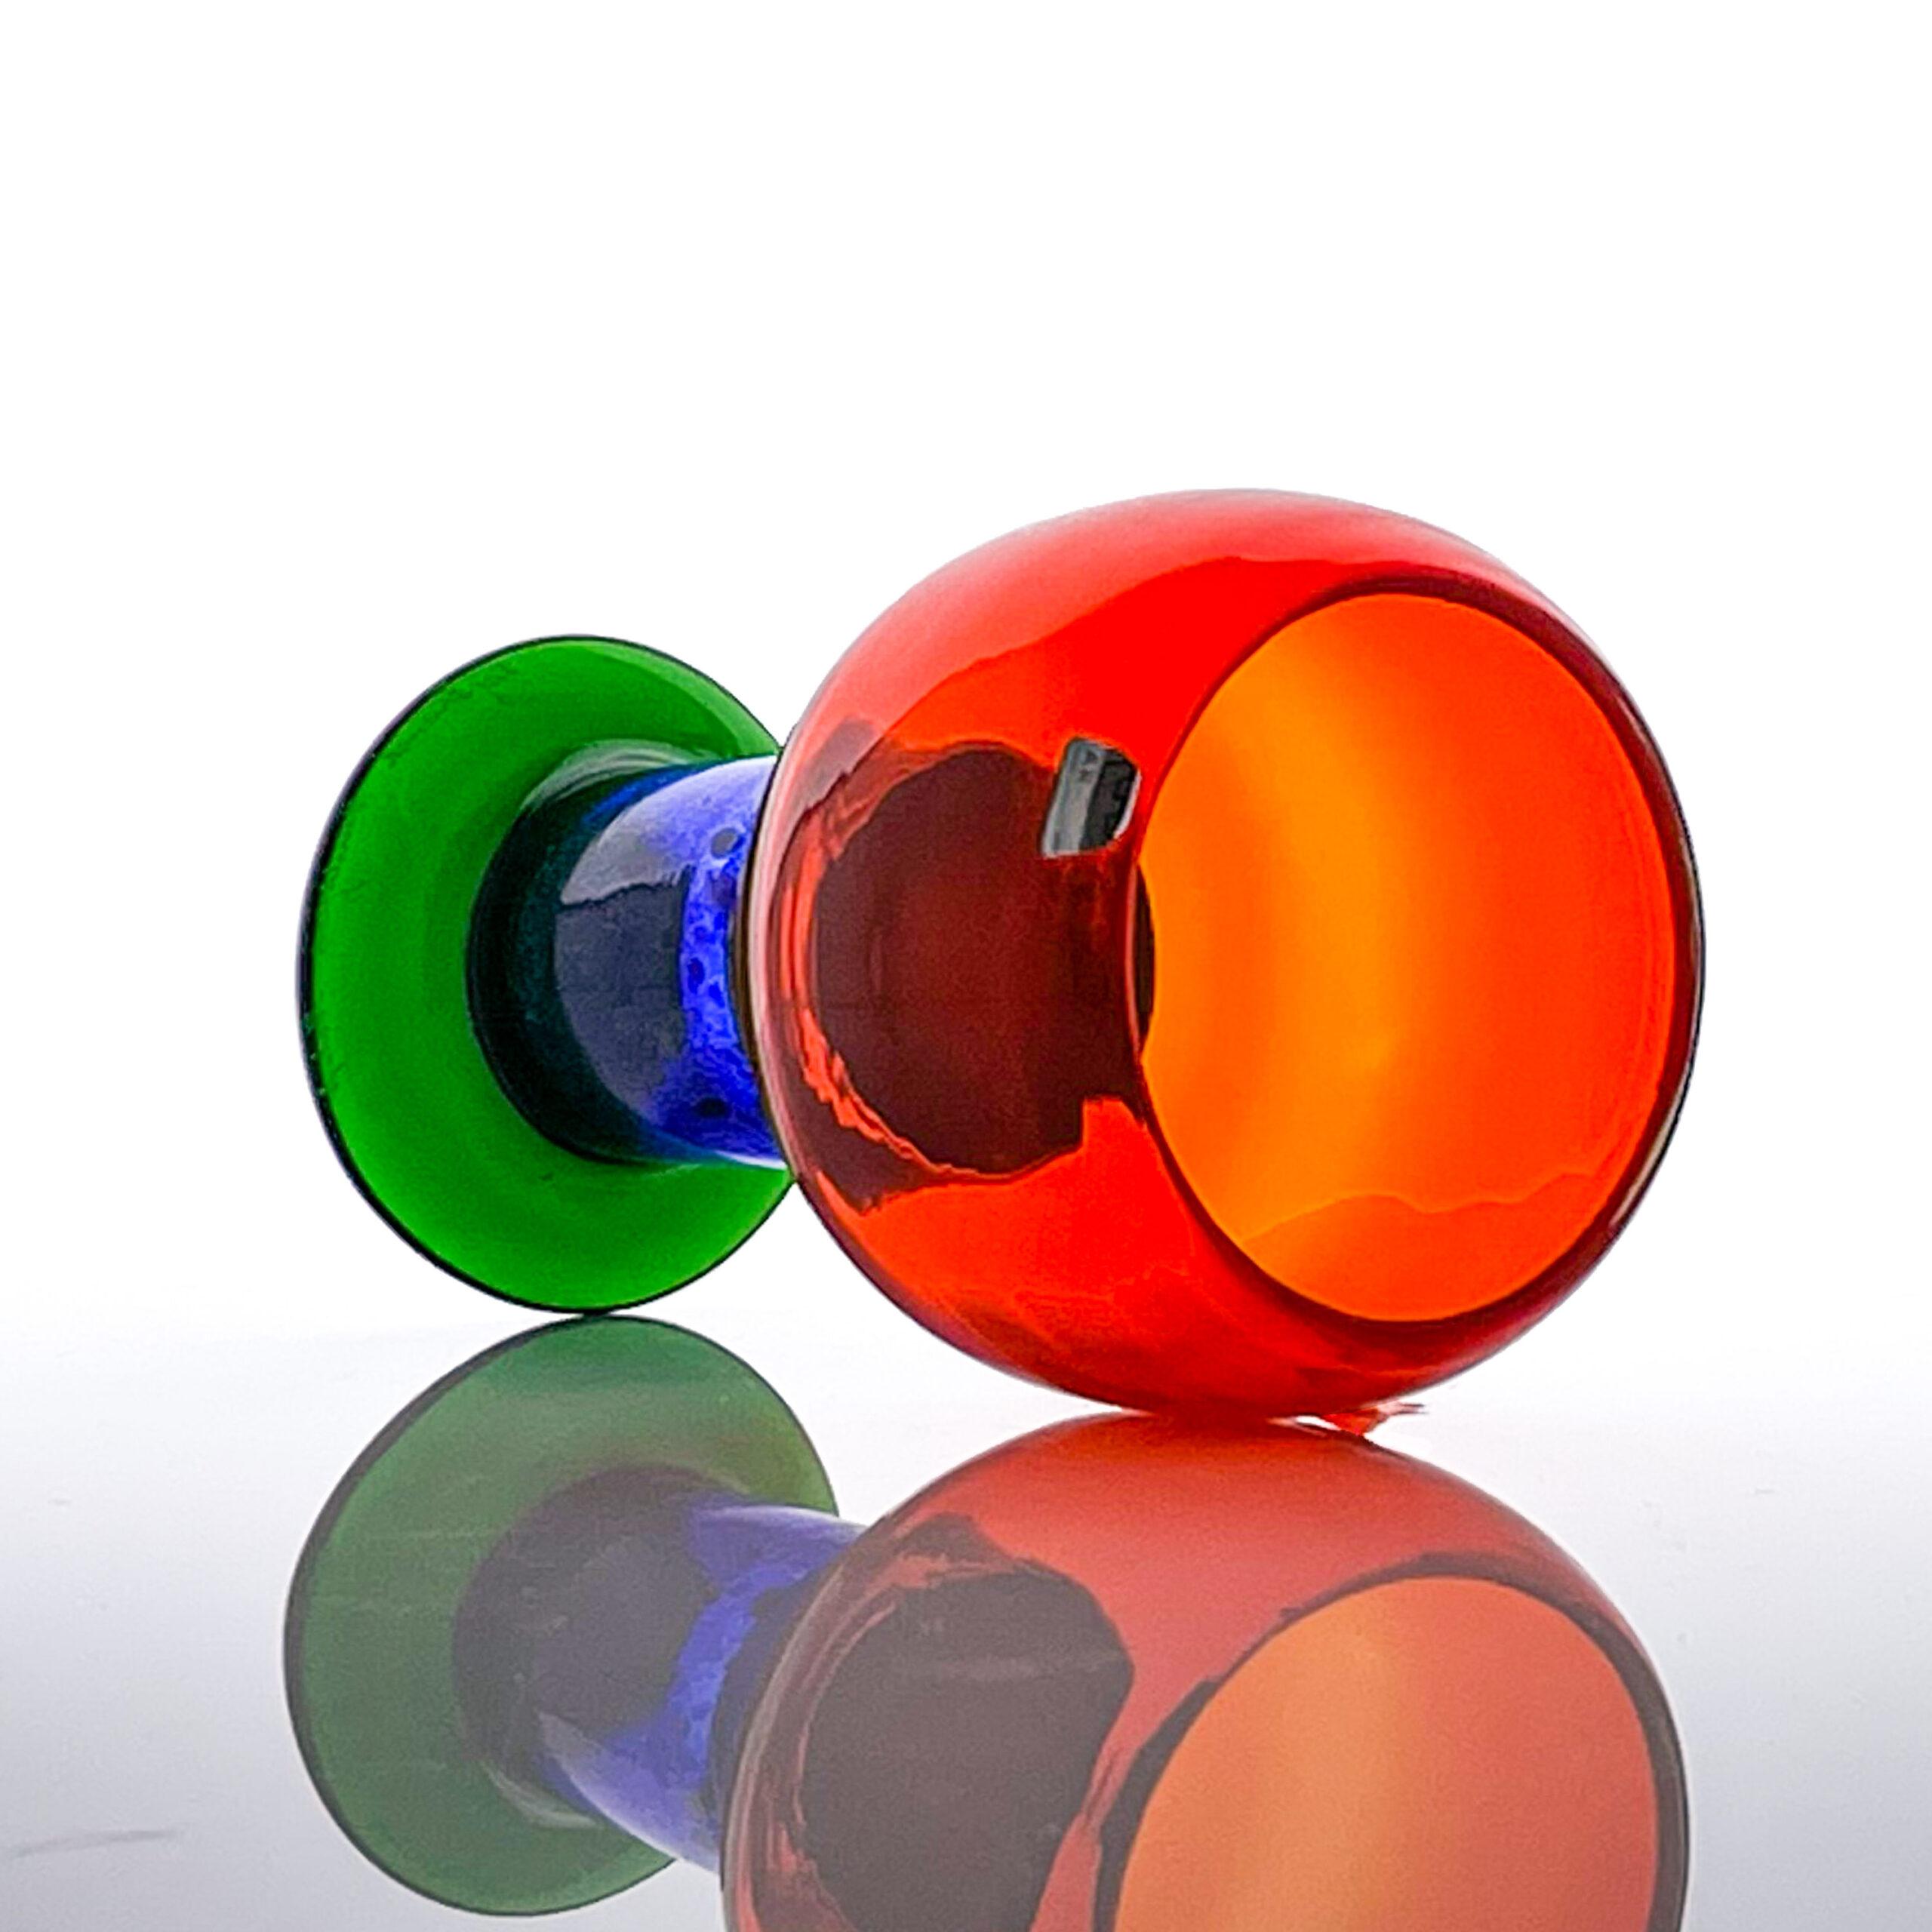 KF Pokali oranje web-6